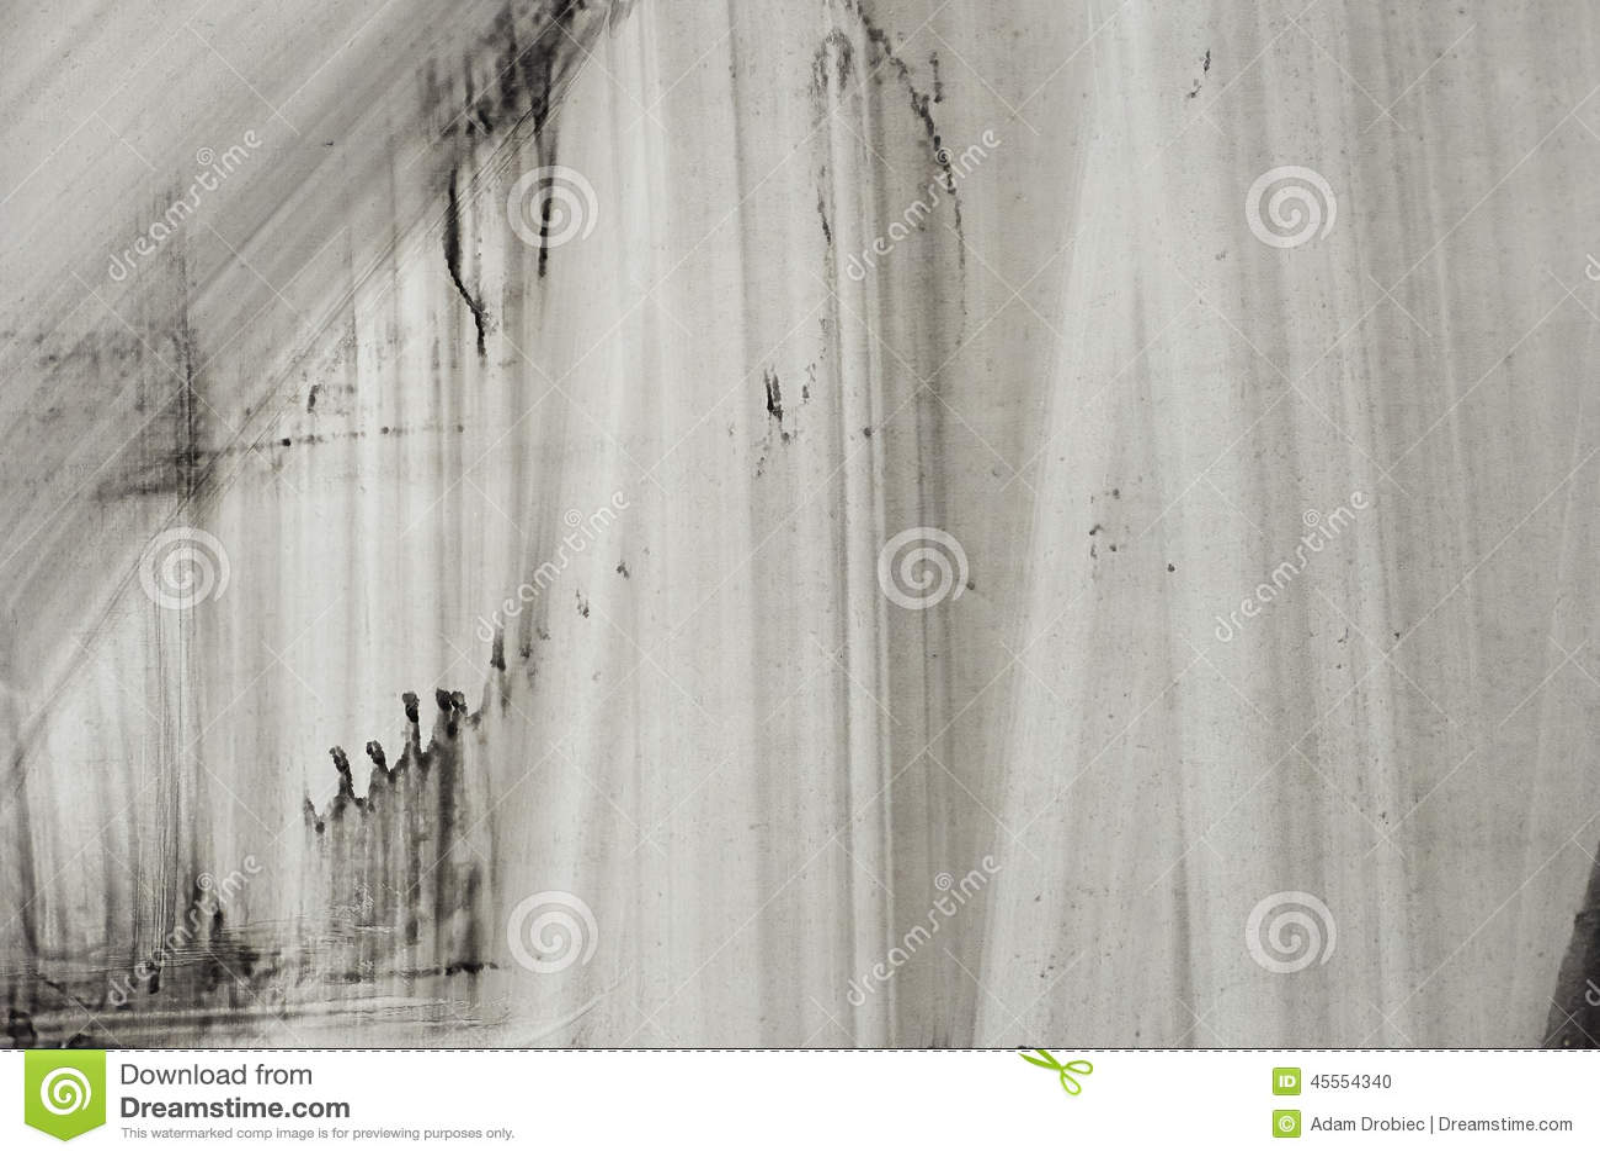 Hintergrund der abstrakten Kunst